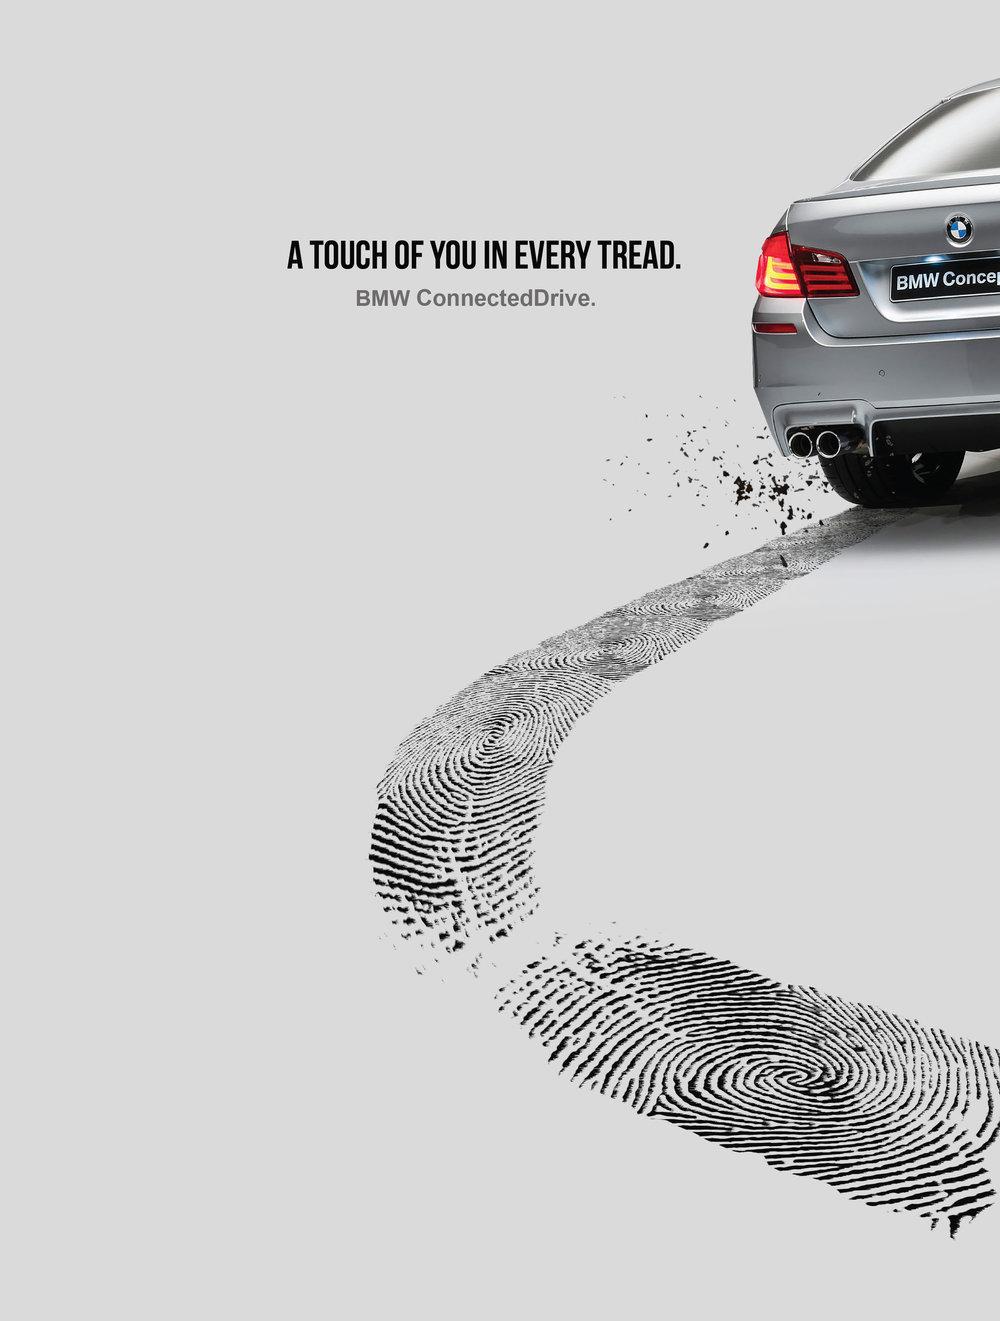 BMW_touch.jpg